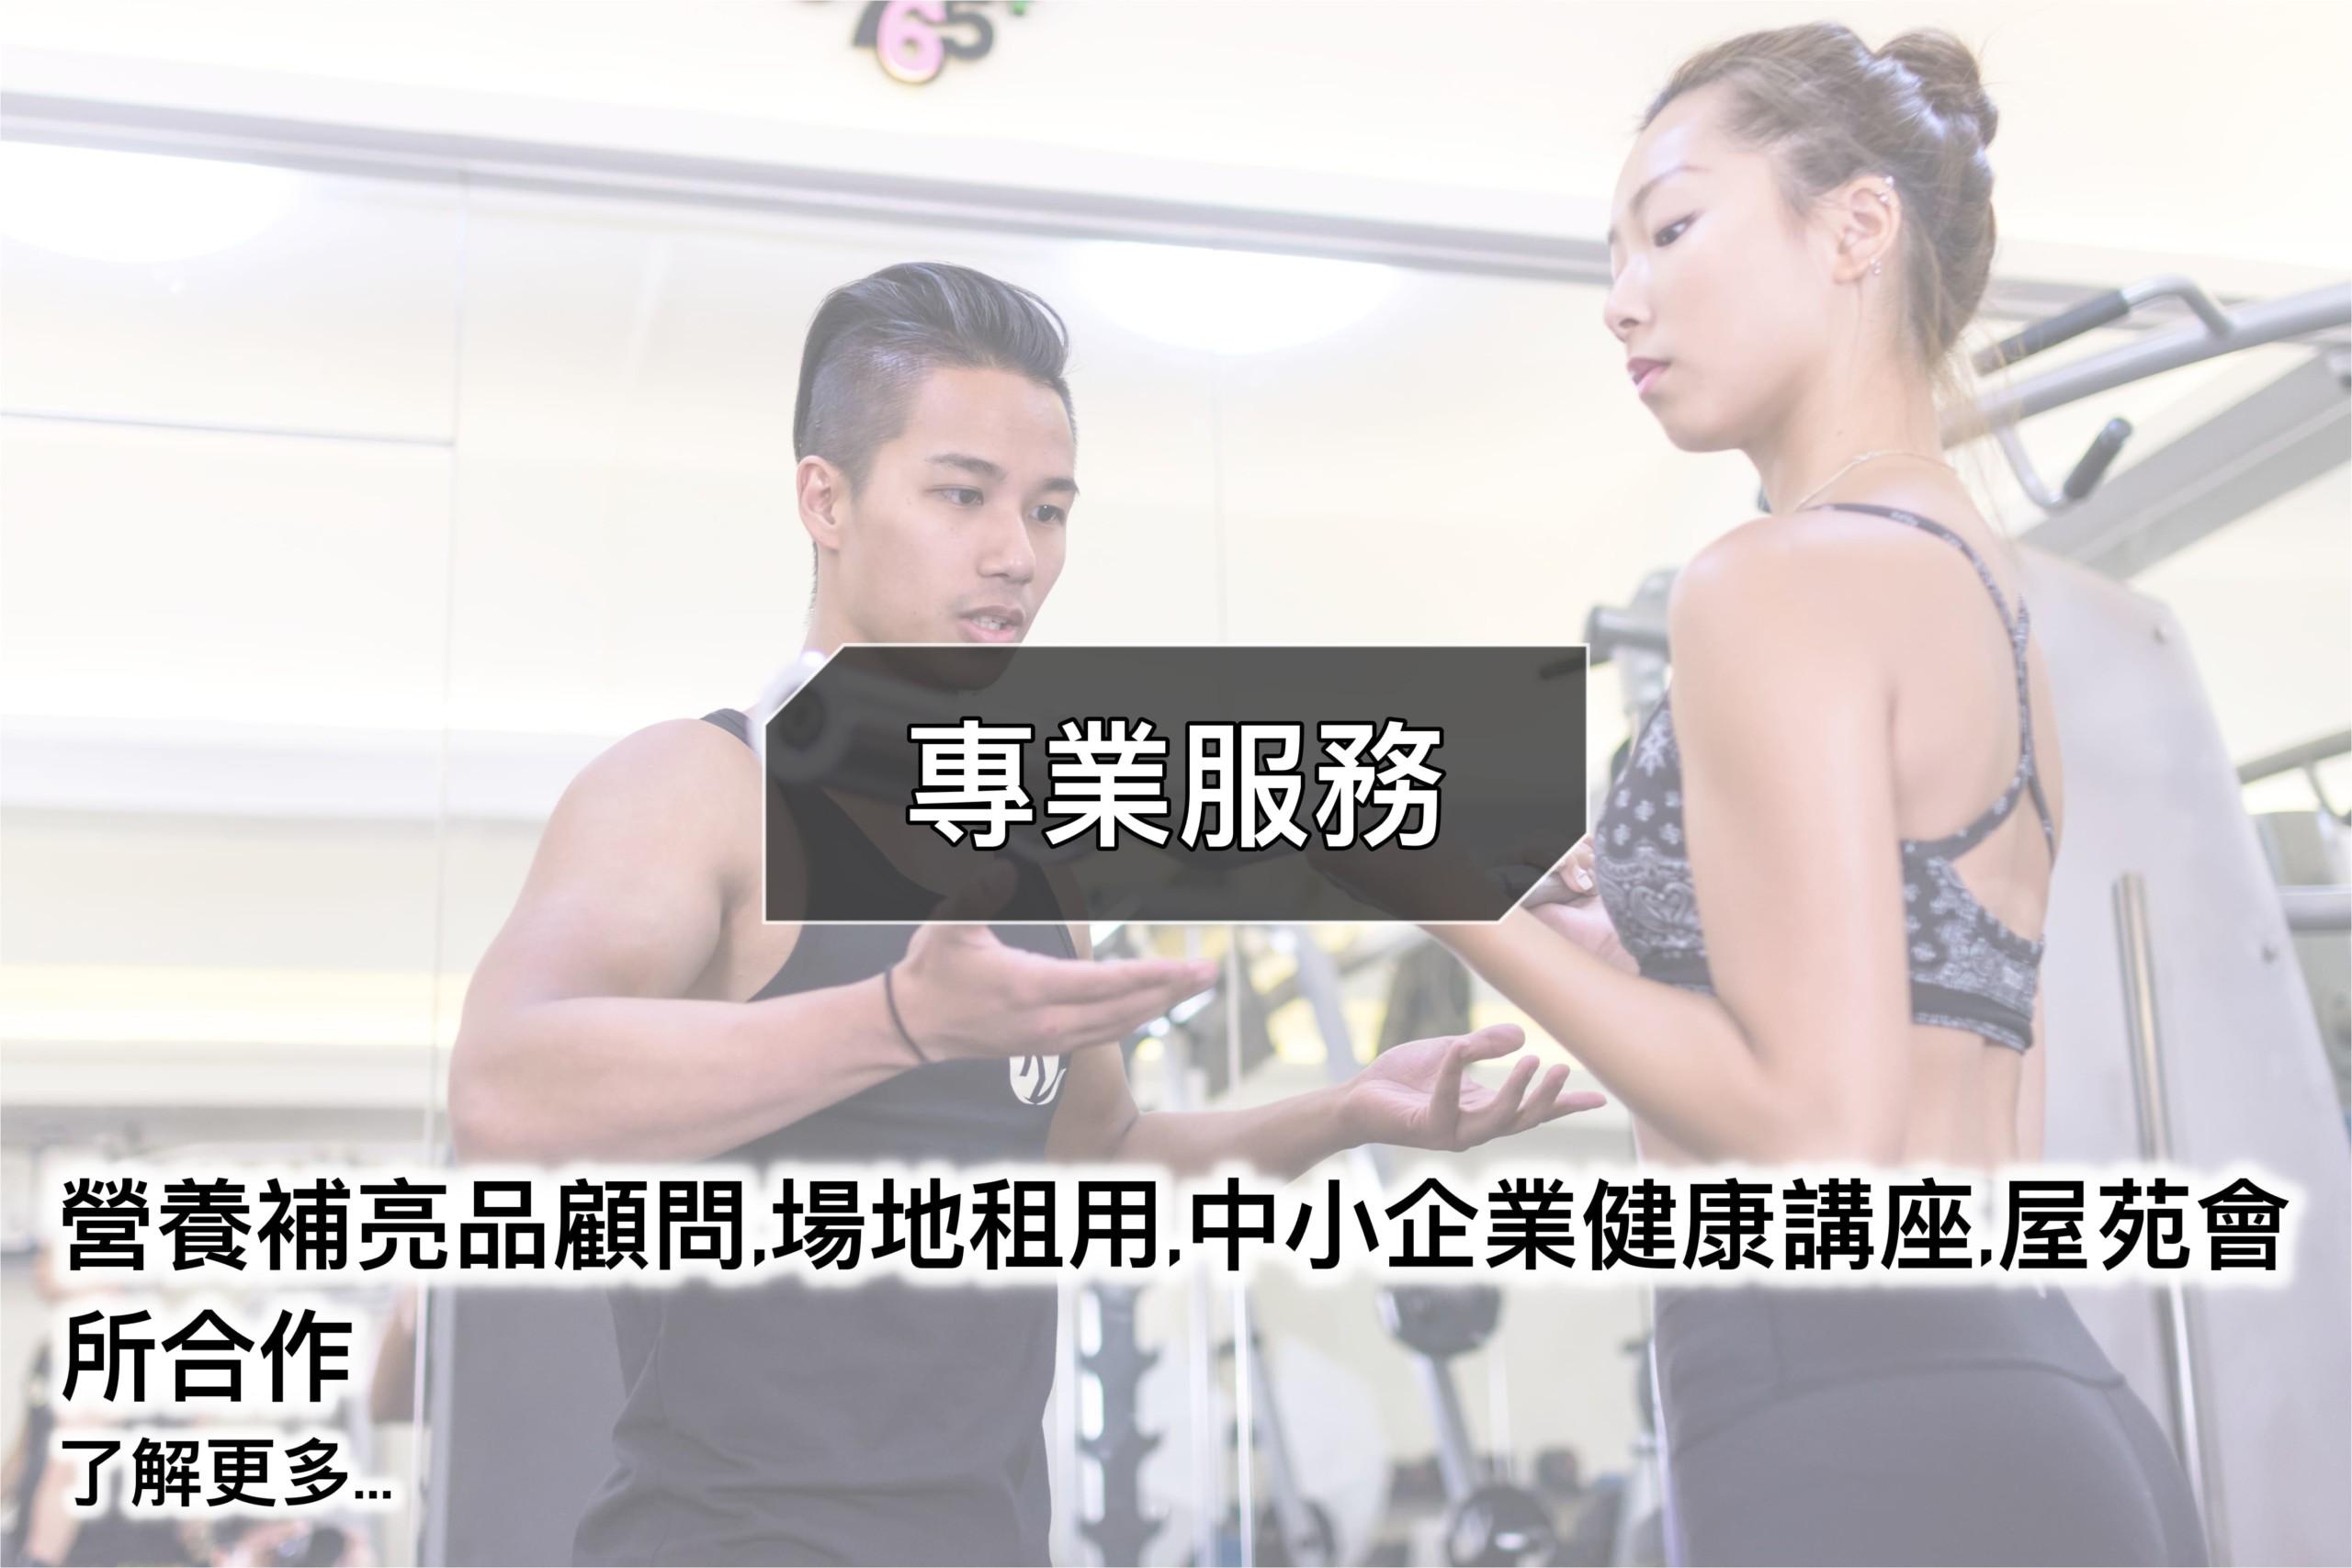 健身教練服務